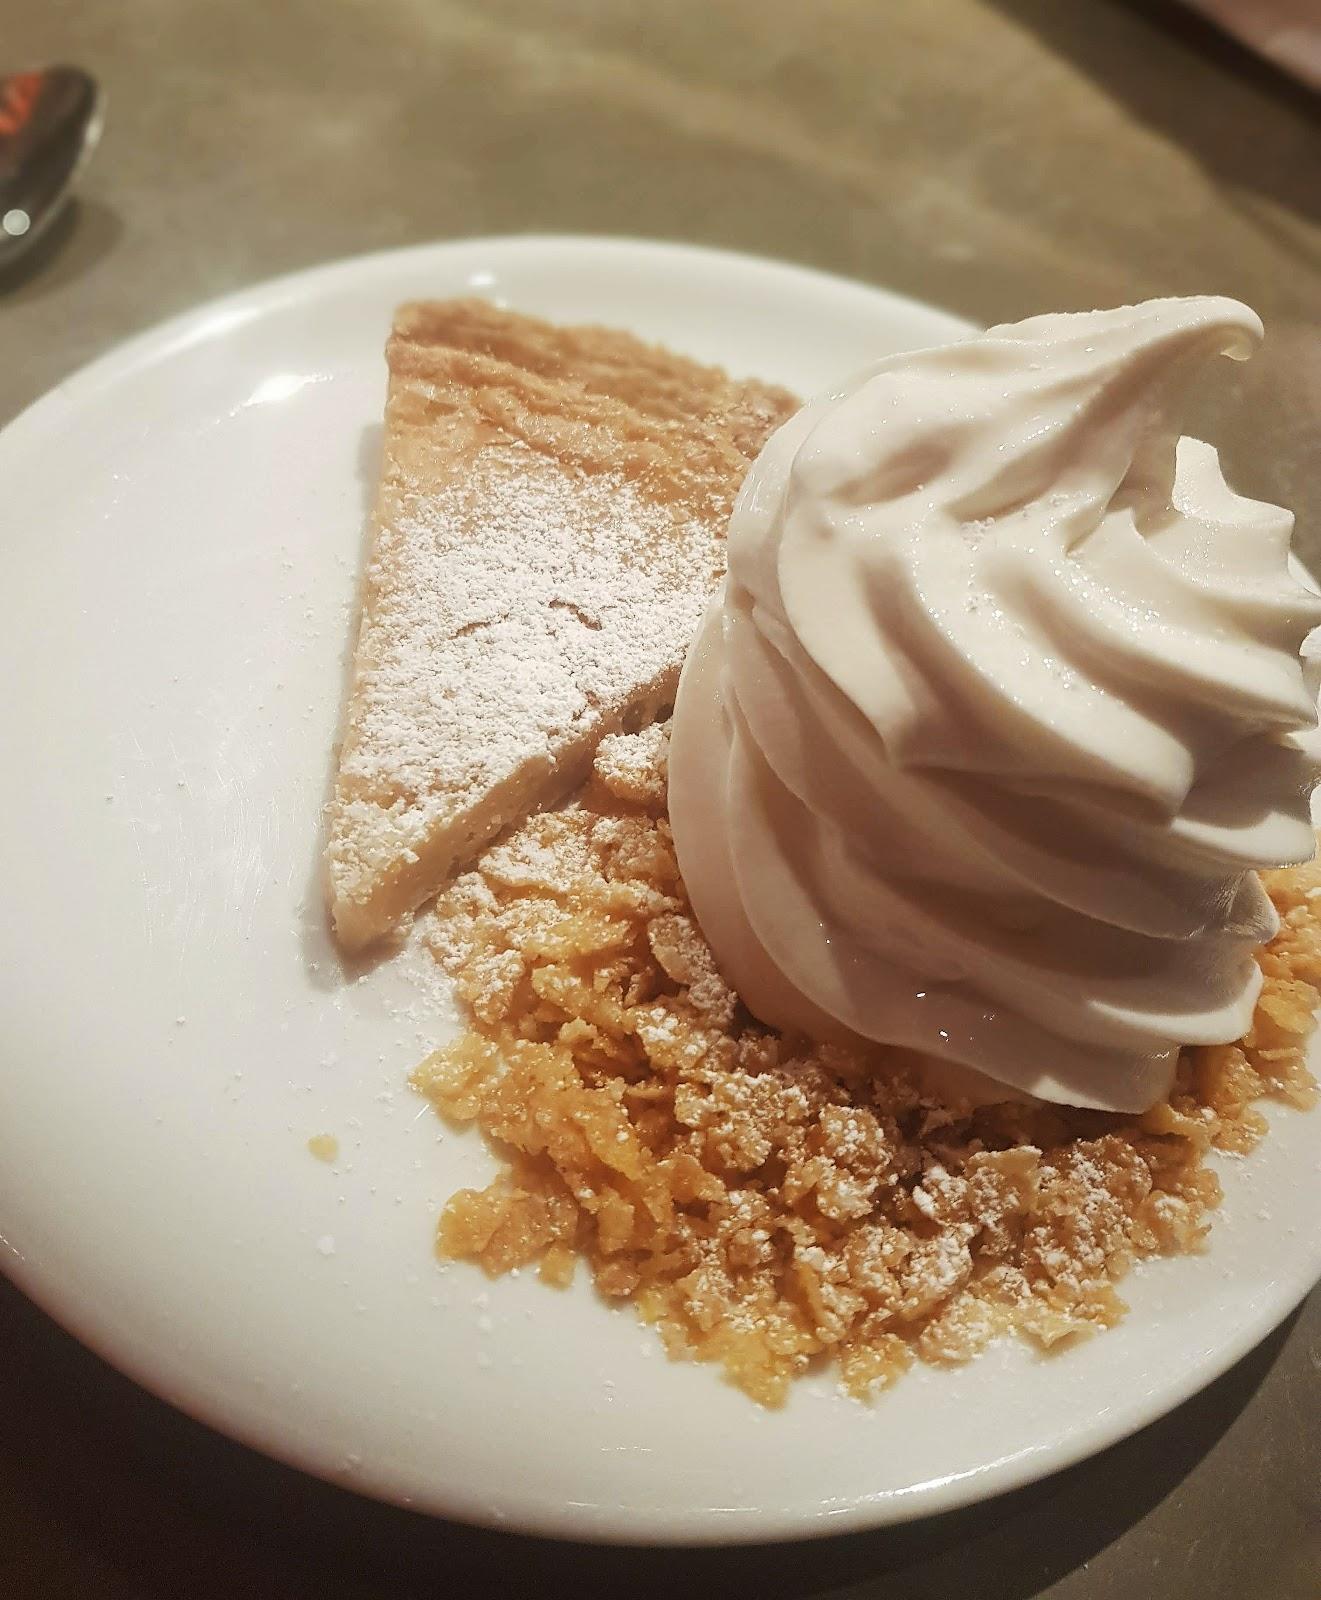 עוגה לאס וגאס קינוחים שווה המלצות מסעדות